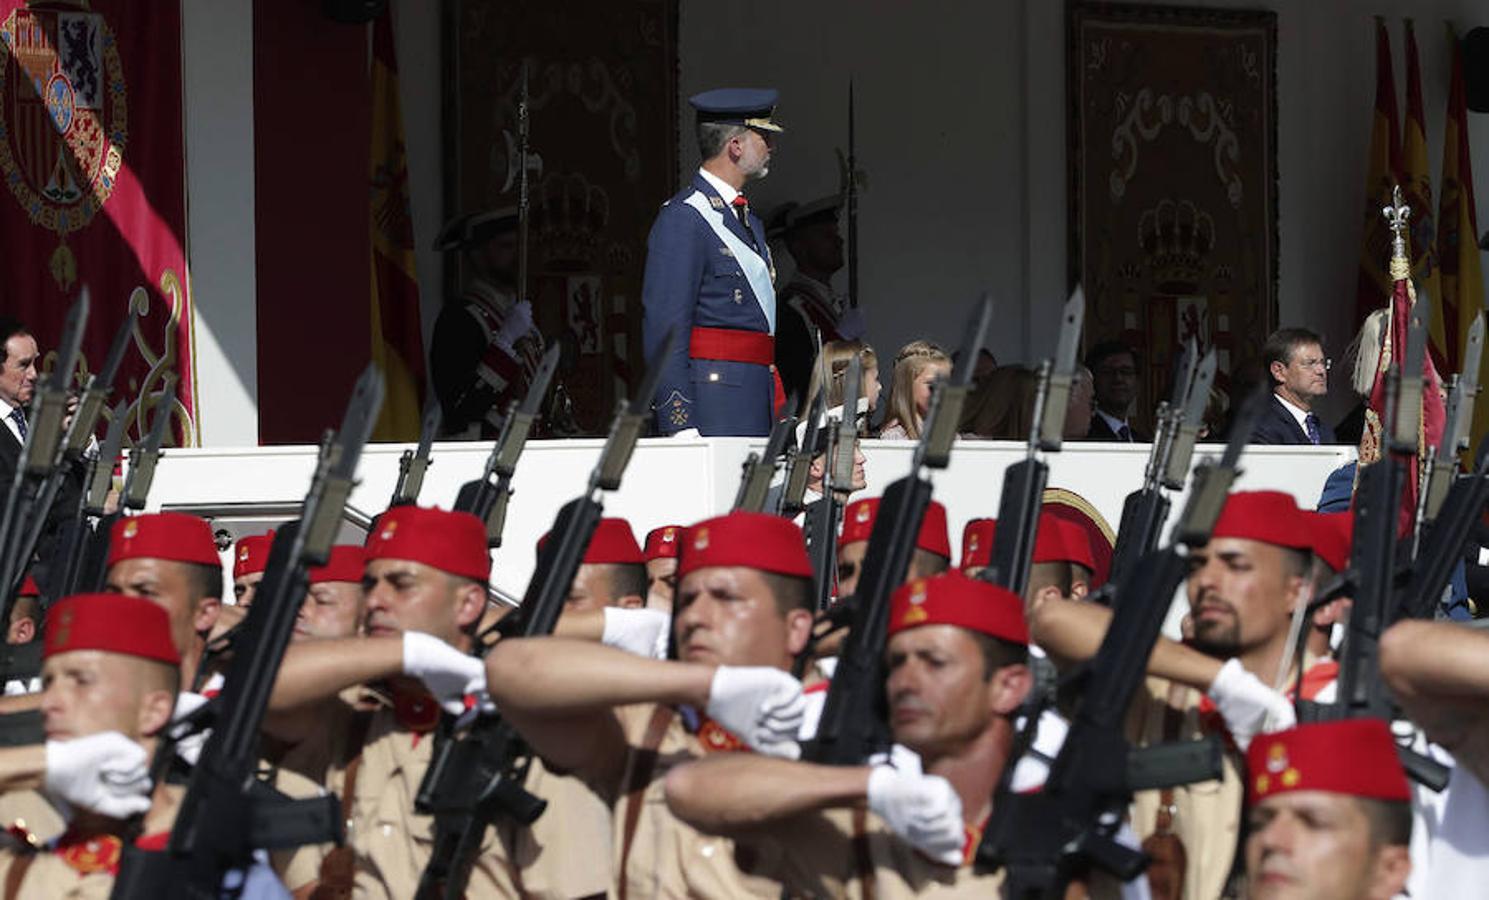 Los Reyes Felipe y Letizia, y sus hijas, la princesa Leonor y la infanta Sofía, presiden el desfile del Día de la Fiesta Nacional (EFE)